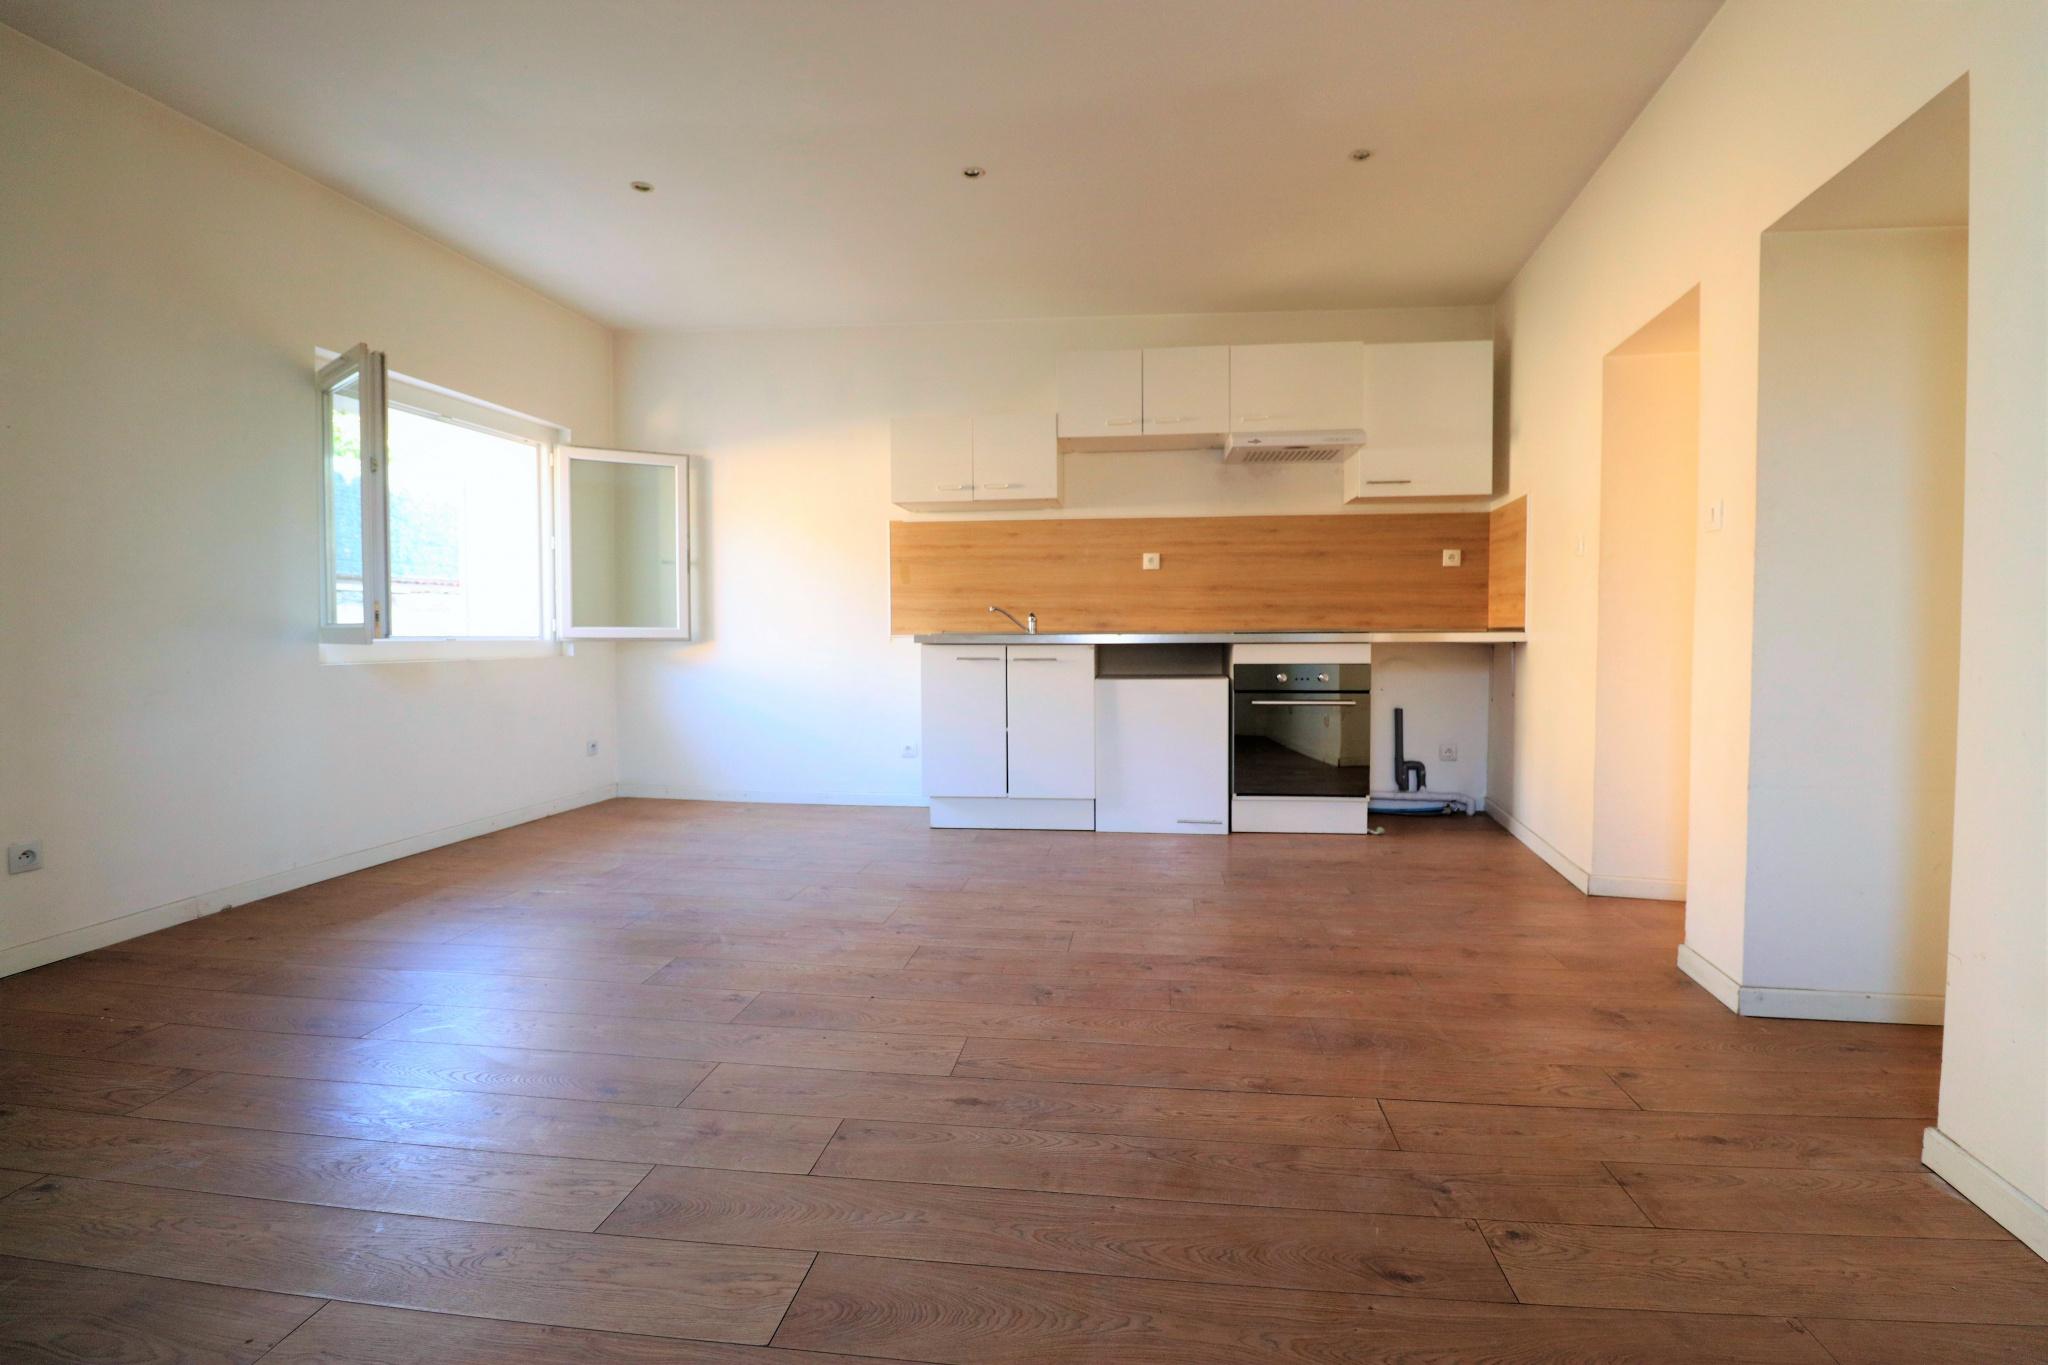 vente-appartement-Chateau-Gombert-13013-2 pièces